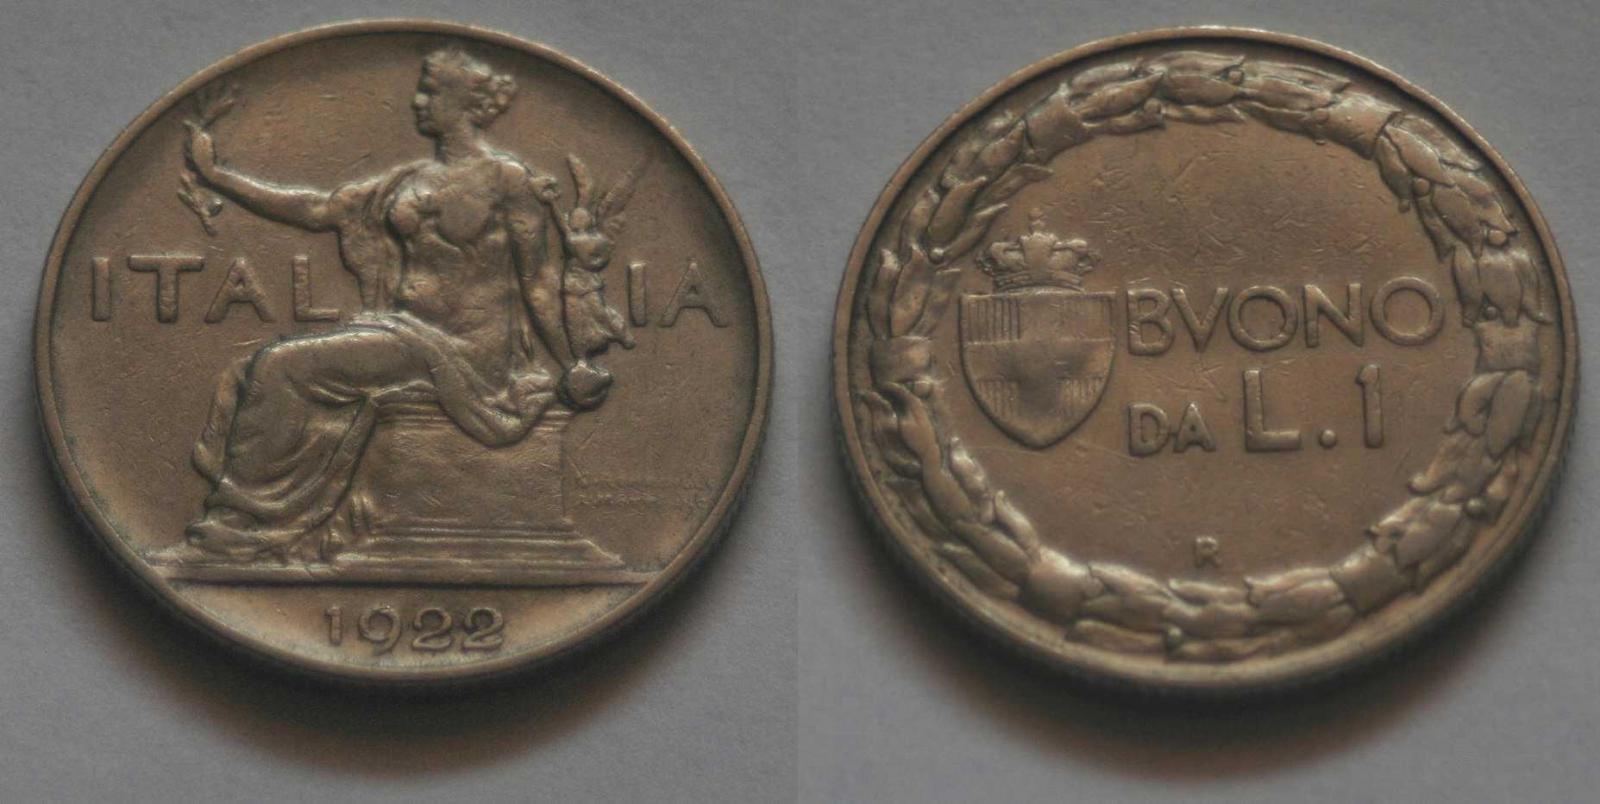 Buono 1 Lira Italia Seduta, Vittorio Emanuele III